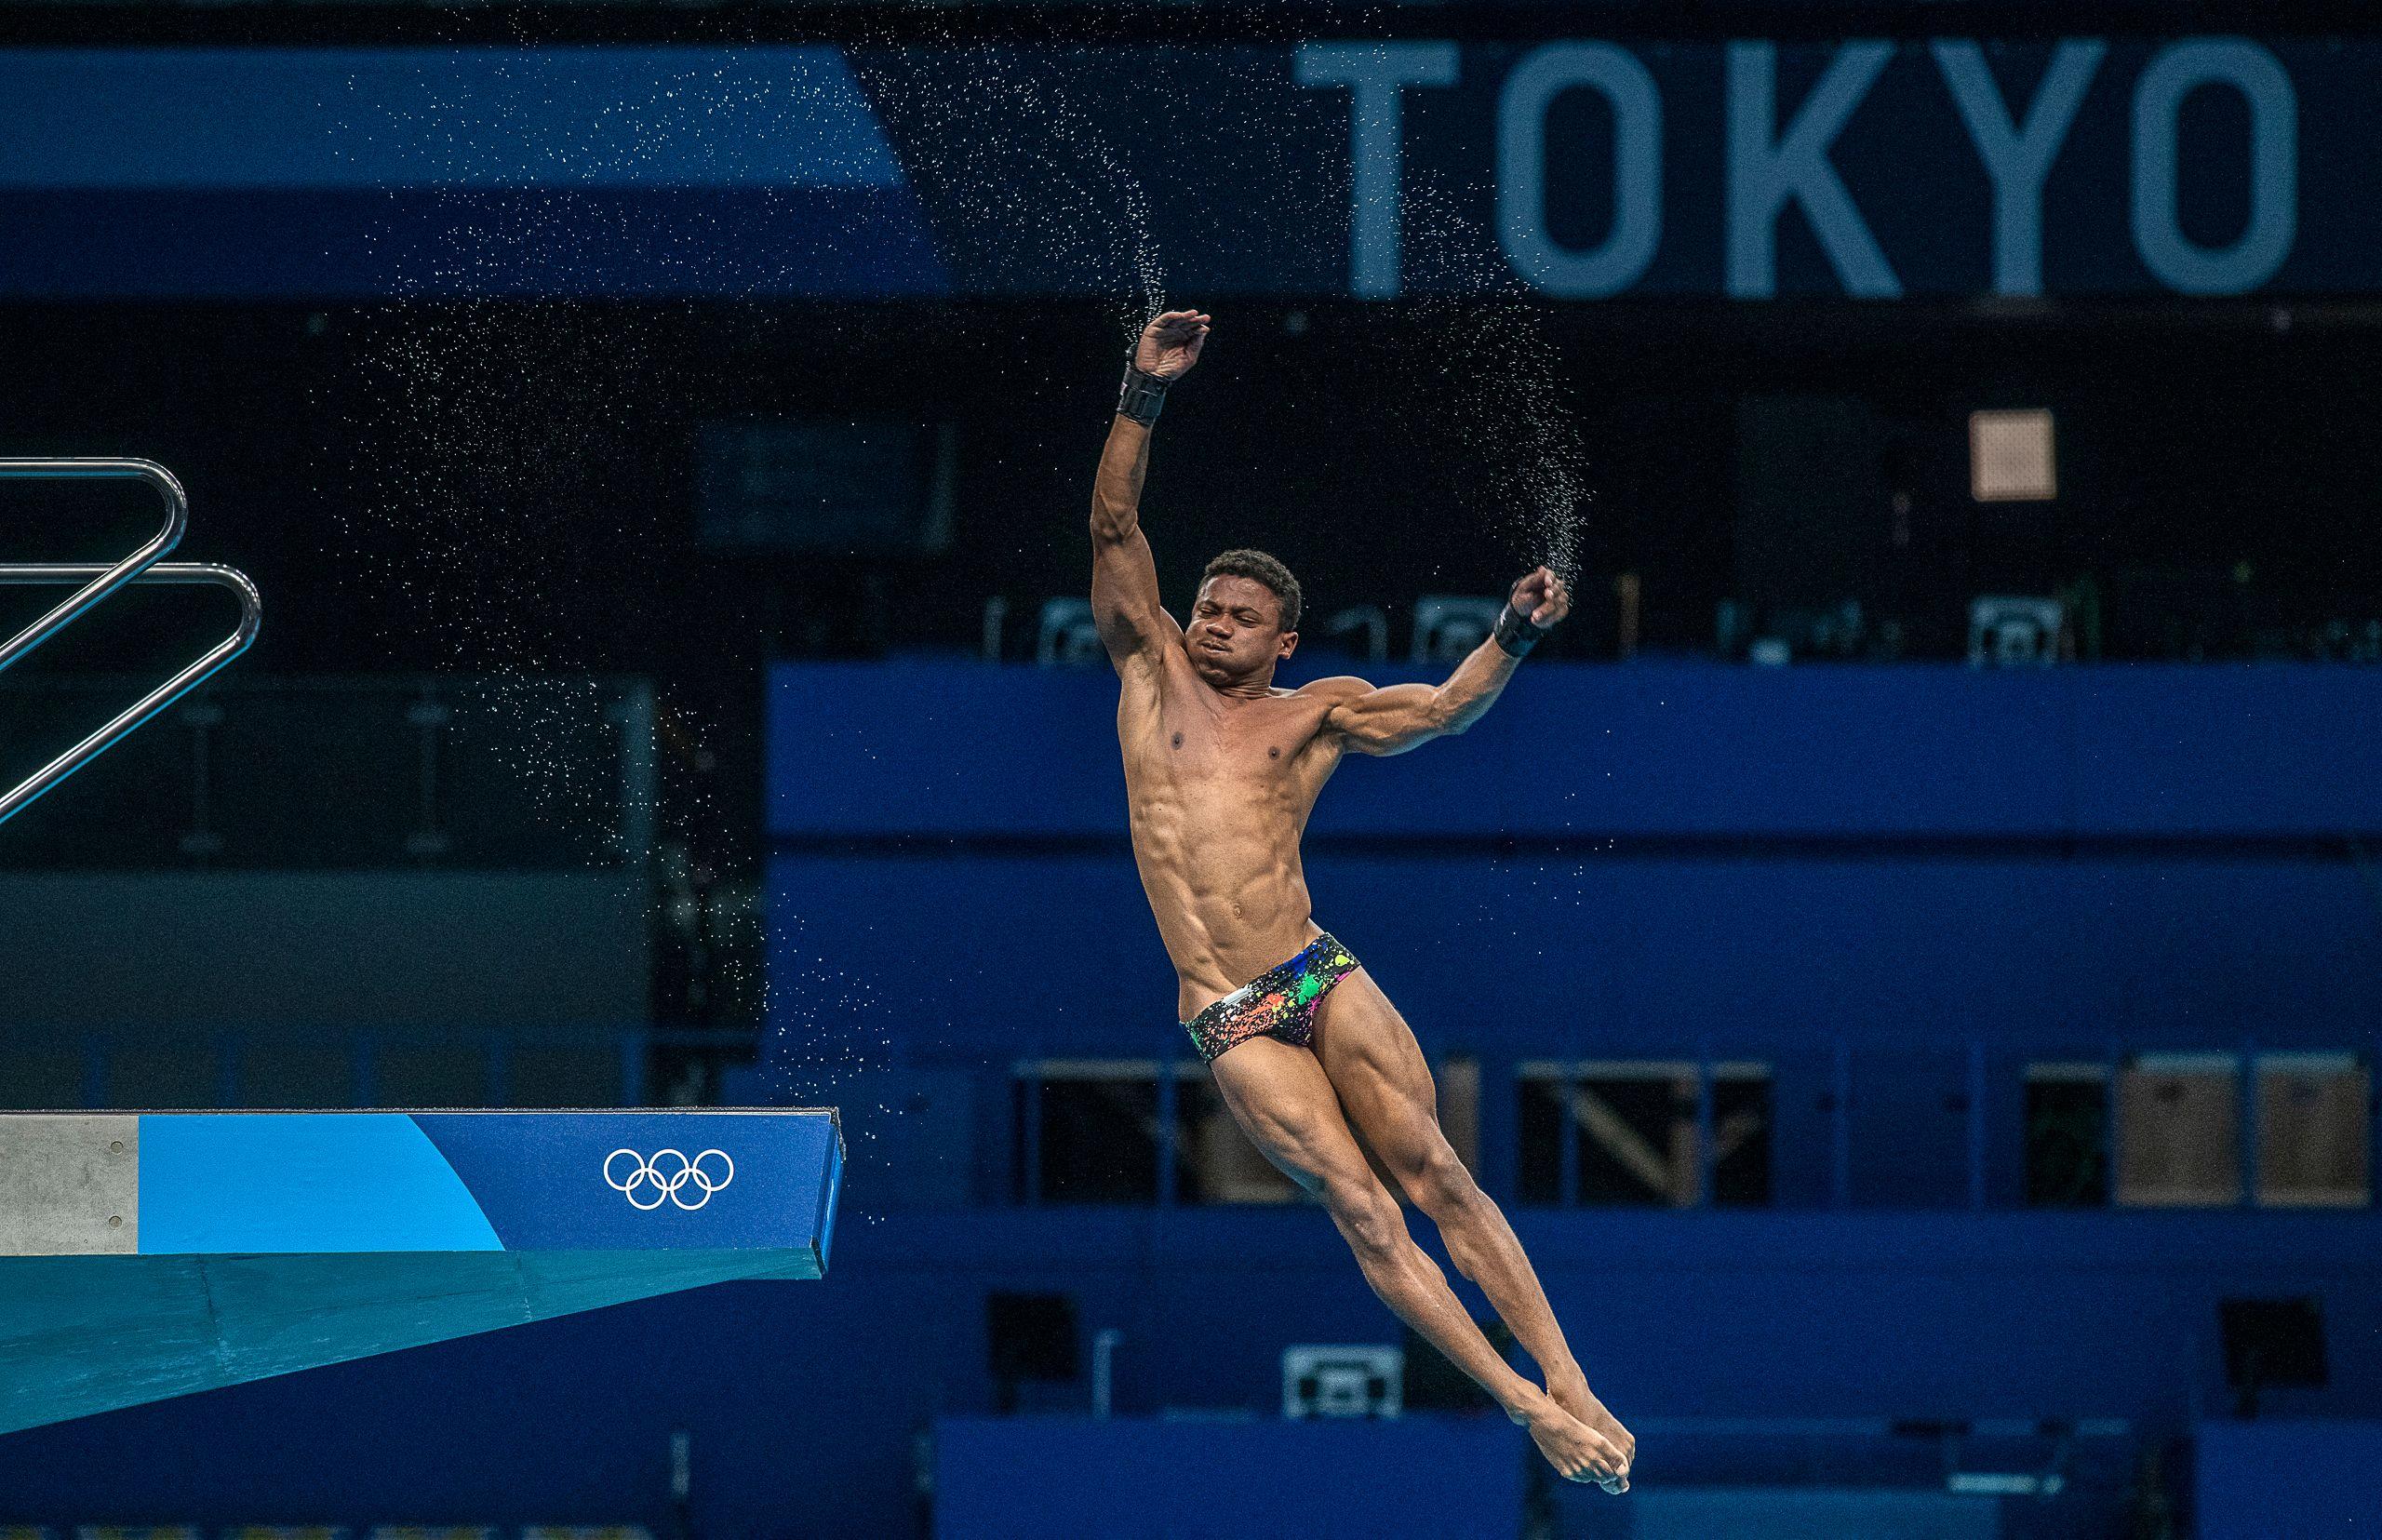 Japan_Tokyo_Olympics_diving_4936c.jpg